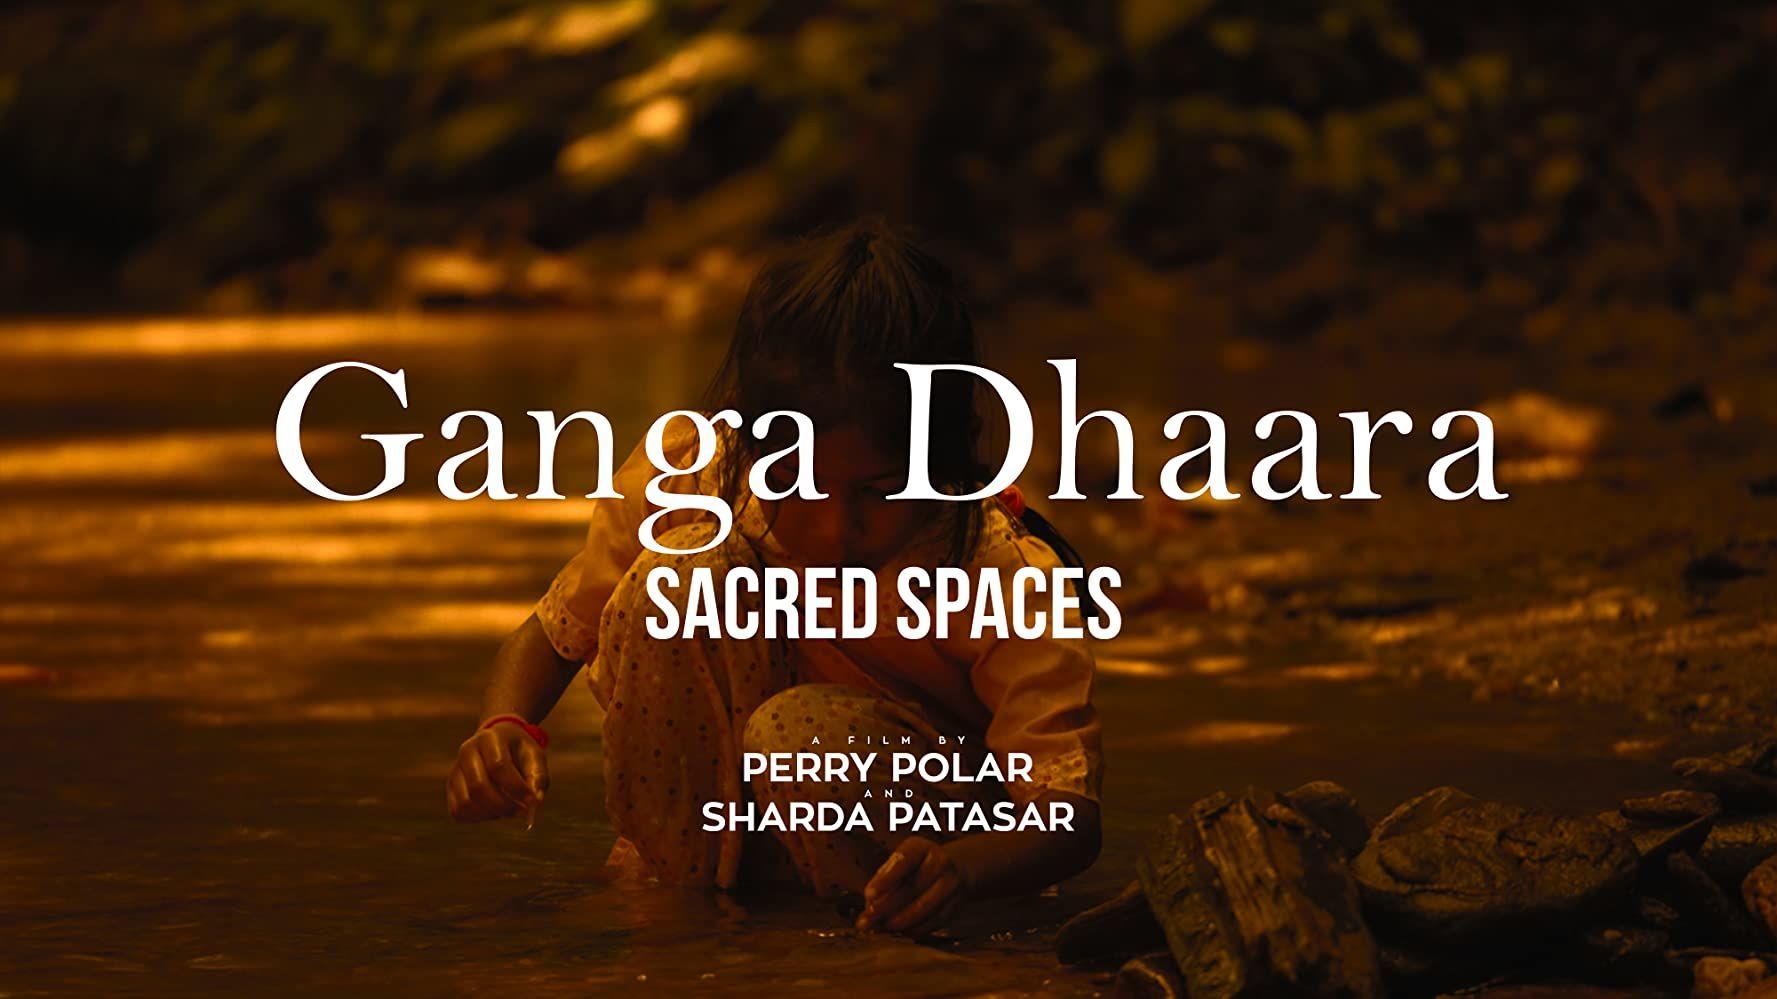 Ganga Dhaara: Sacred Spaces